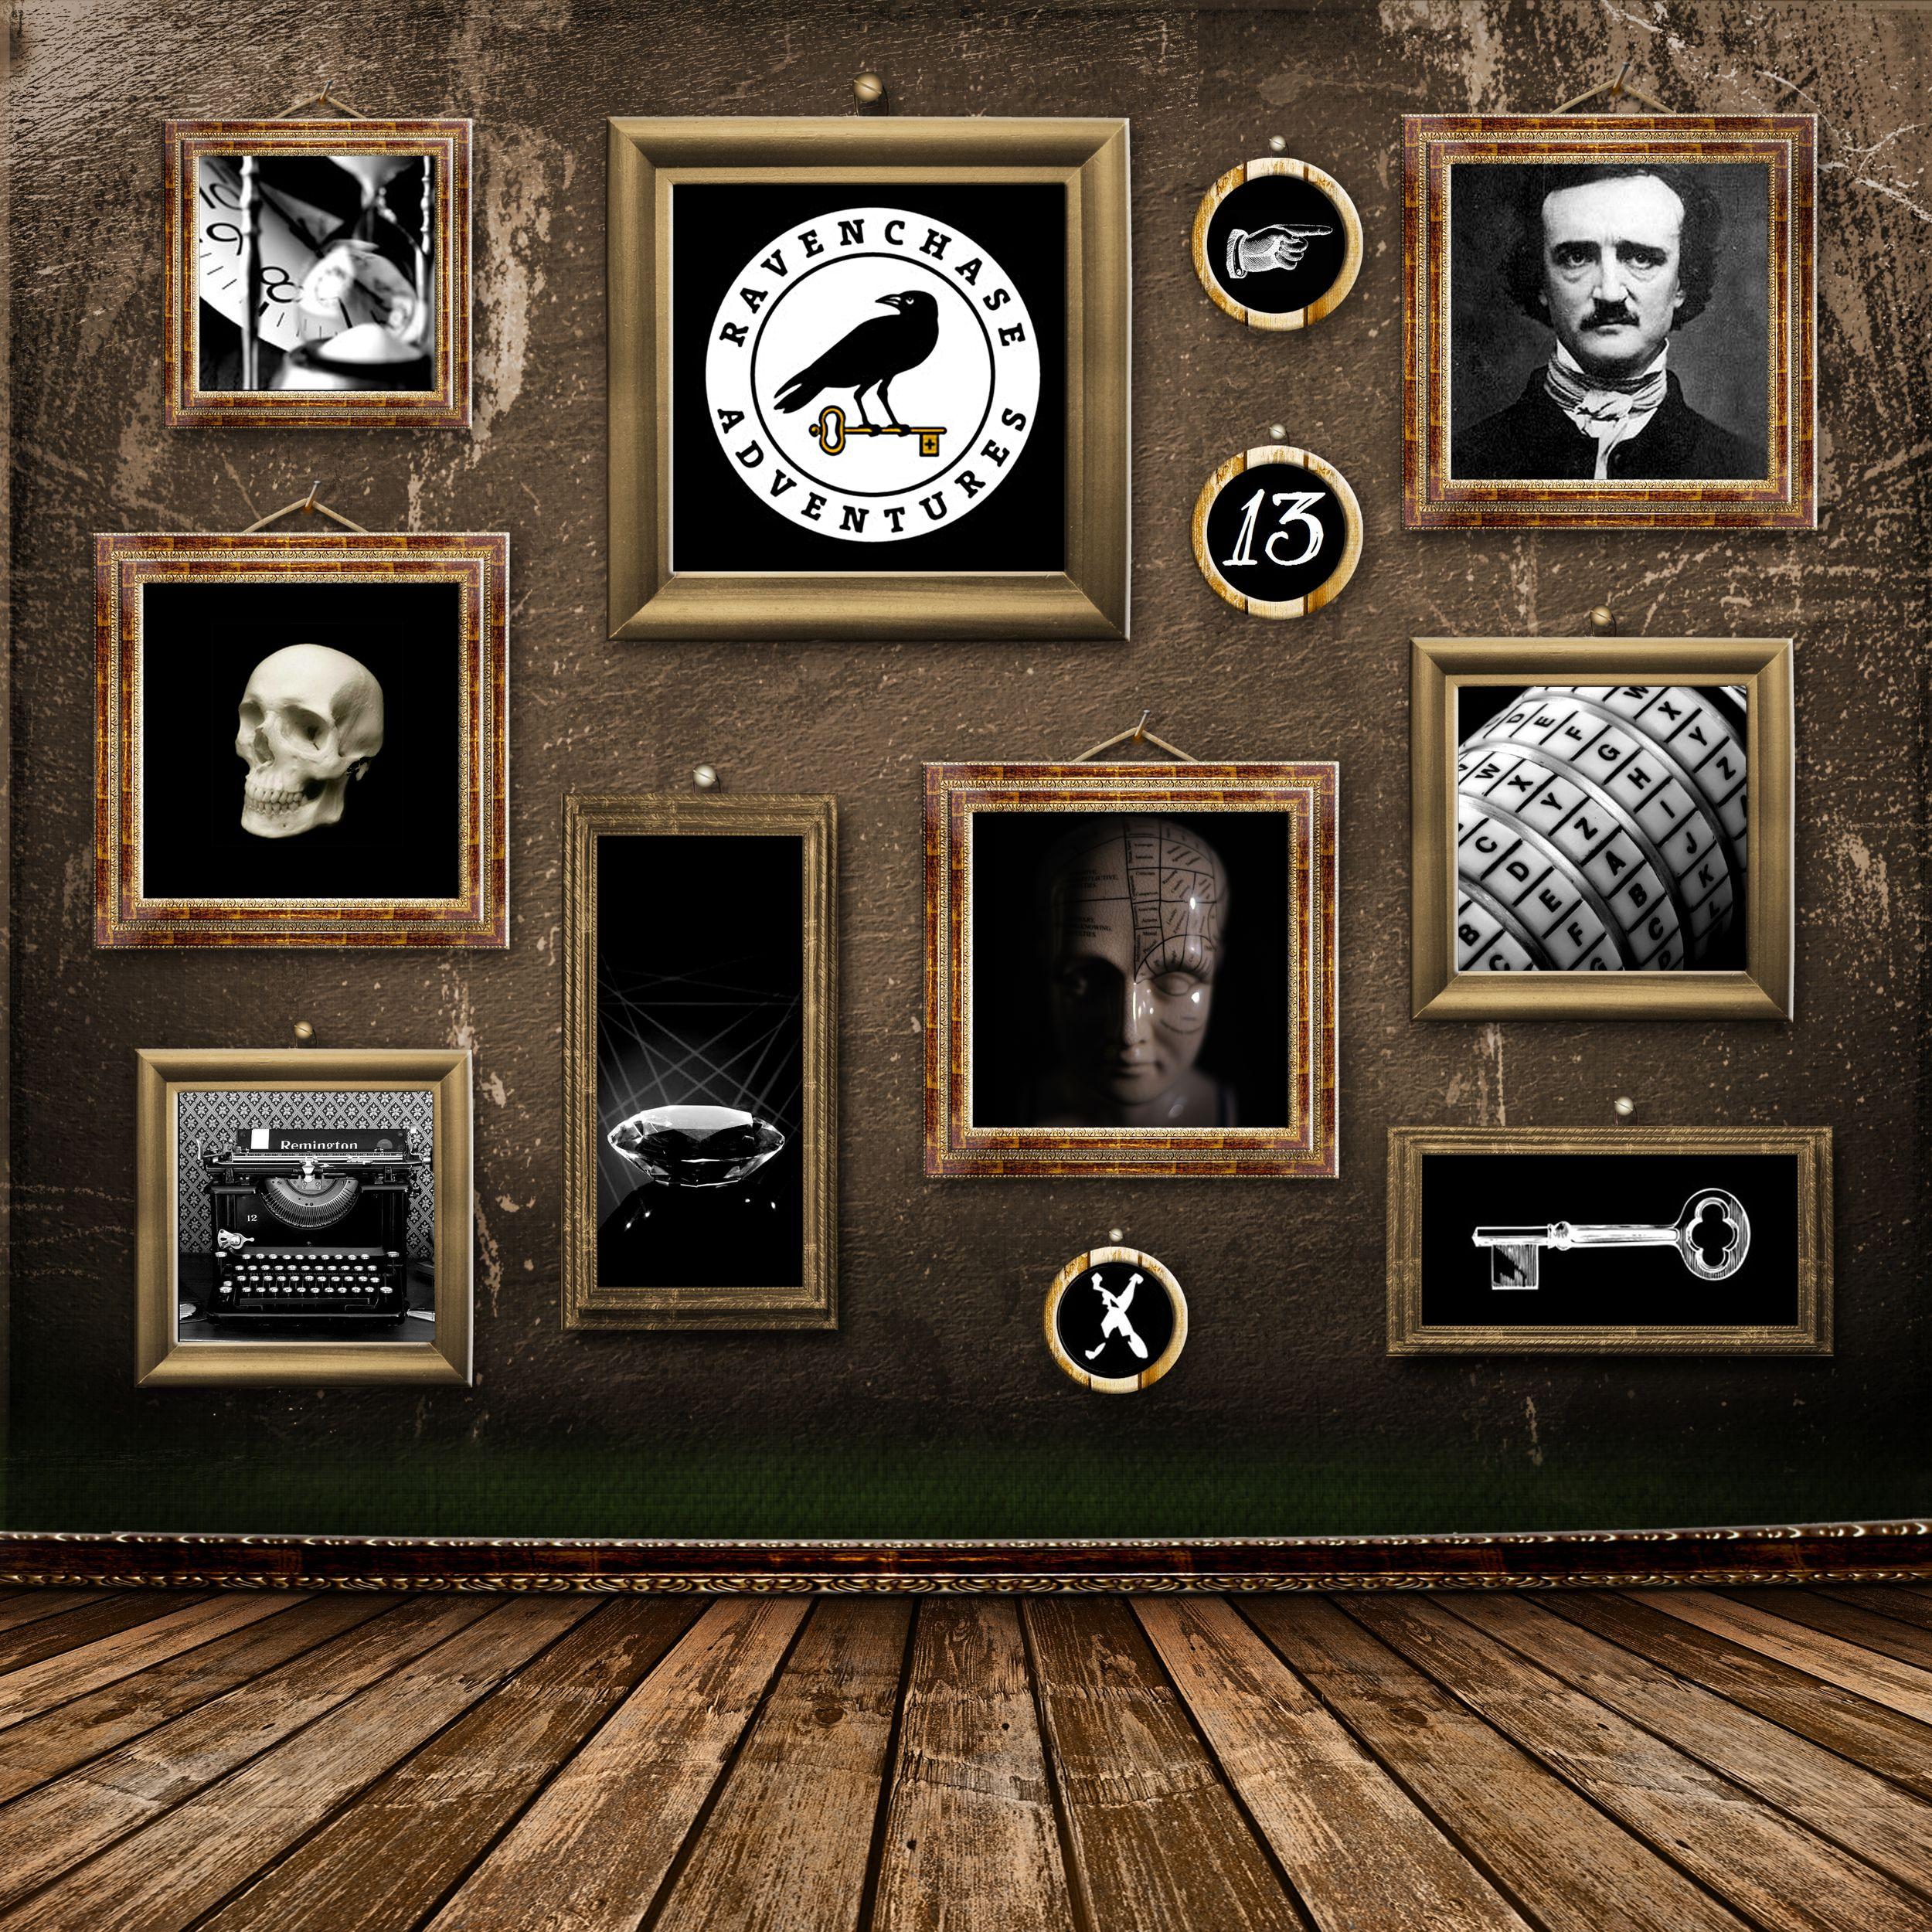 Escape room rva escape room puzzles escape room escape